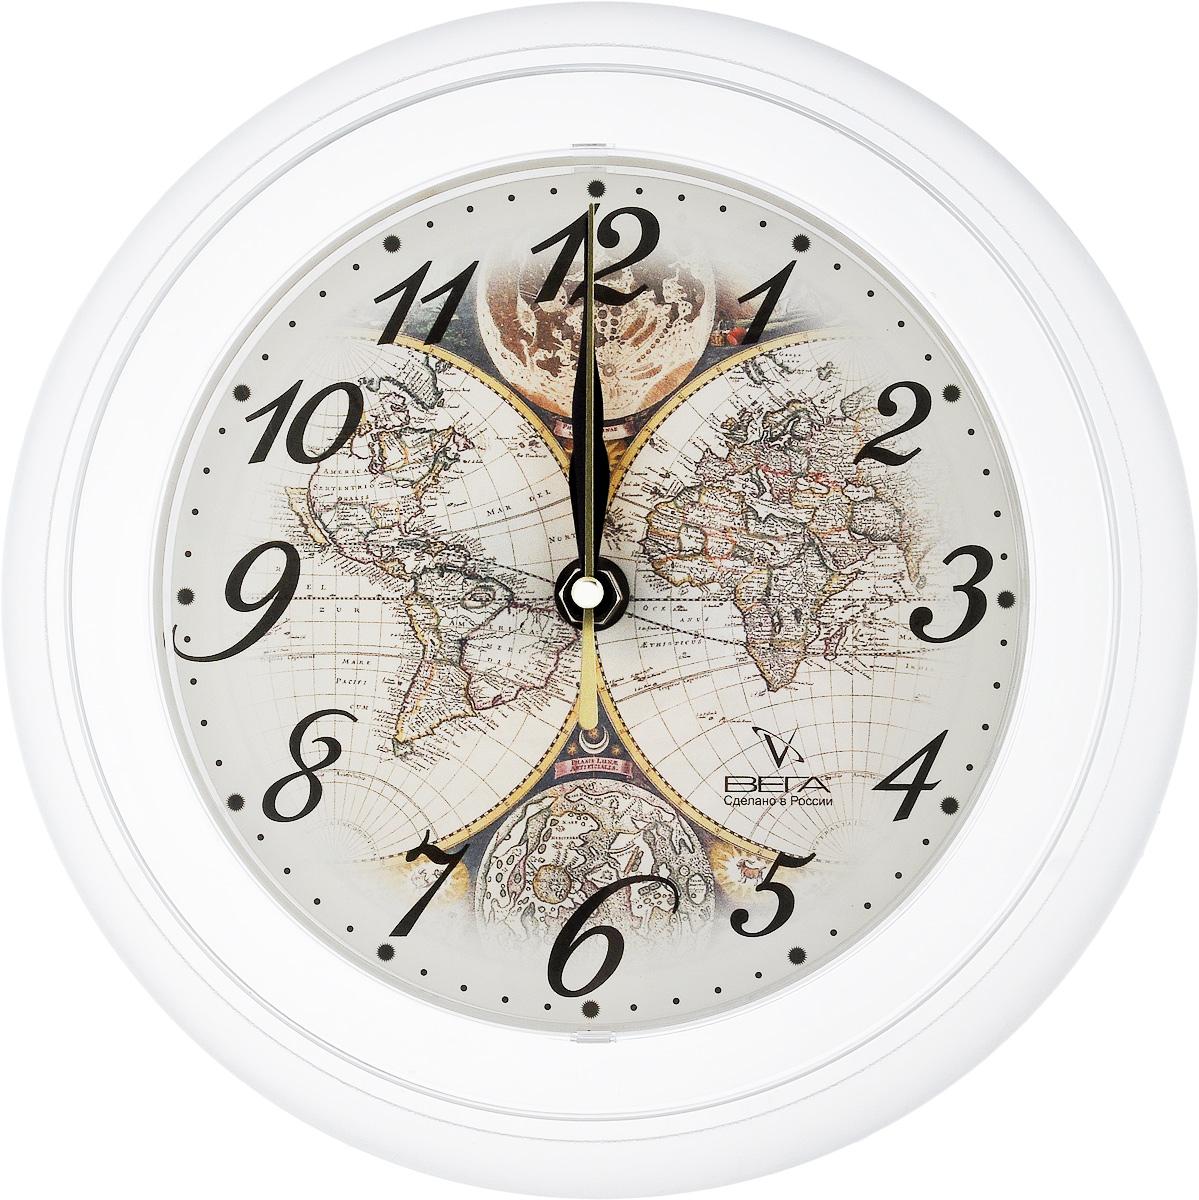 Часы настенные Вега Карта, диаметр 22,5 смП6-0-14Настенные кварцевые часы Вега Карта, изготовленные из пластика, прекрасно впишутся в интерьер вашего дома. Круглые часы имеют три стрелки: часовую, минутную и секундную, циферблат защищен прозрачным стеклом. Часы работают от 1 батарейки типа АА напряжением 1,5 В (не входит в комплект). Диаметр часов: 22,5 см.